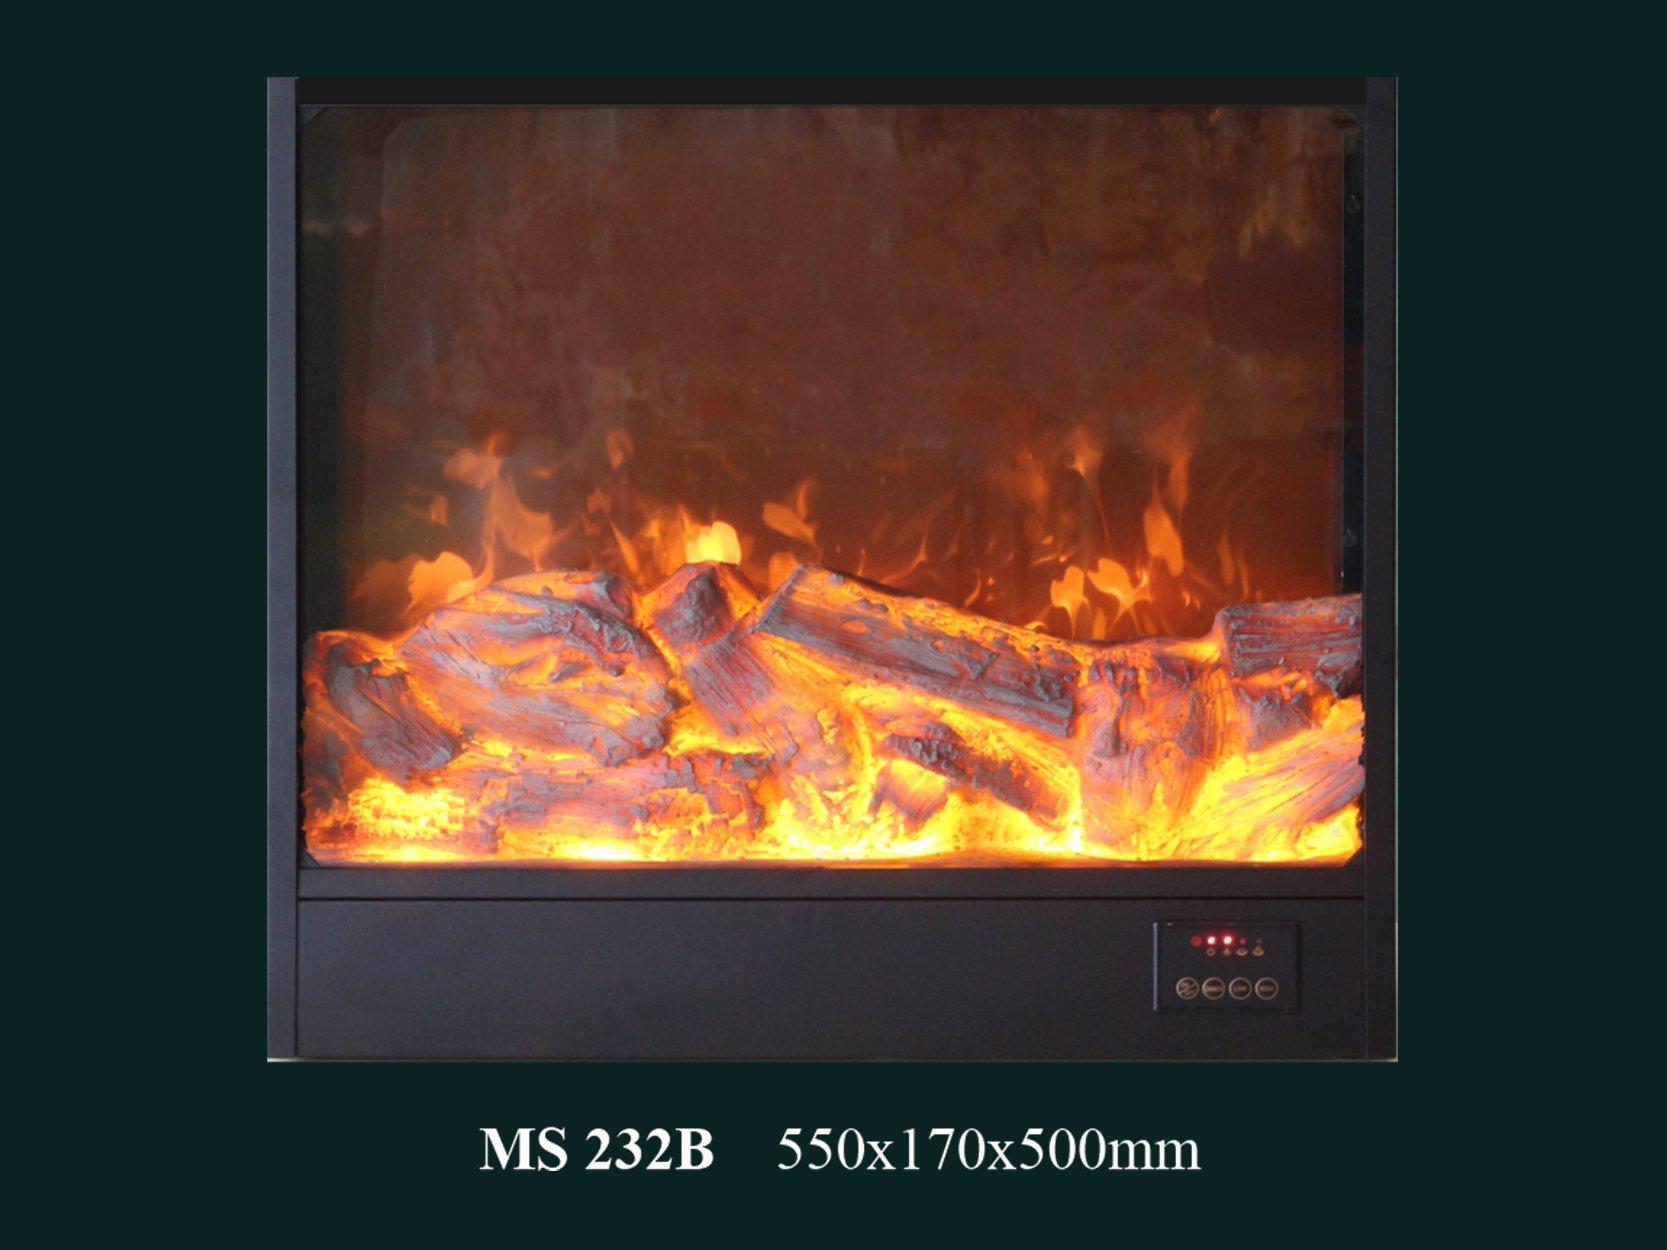 MS 232B